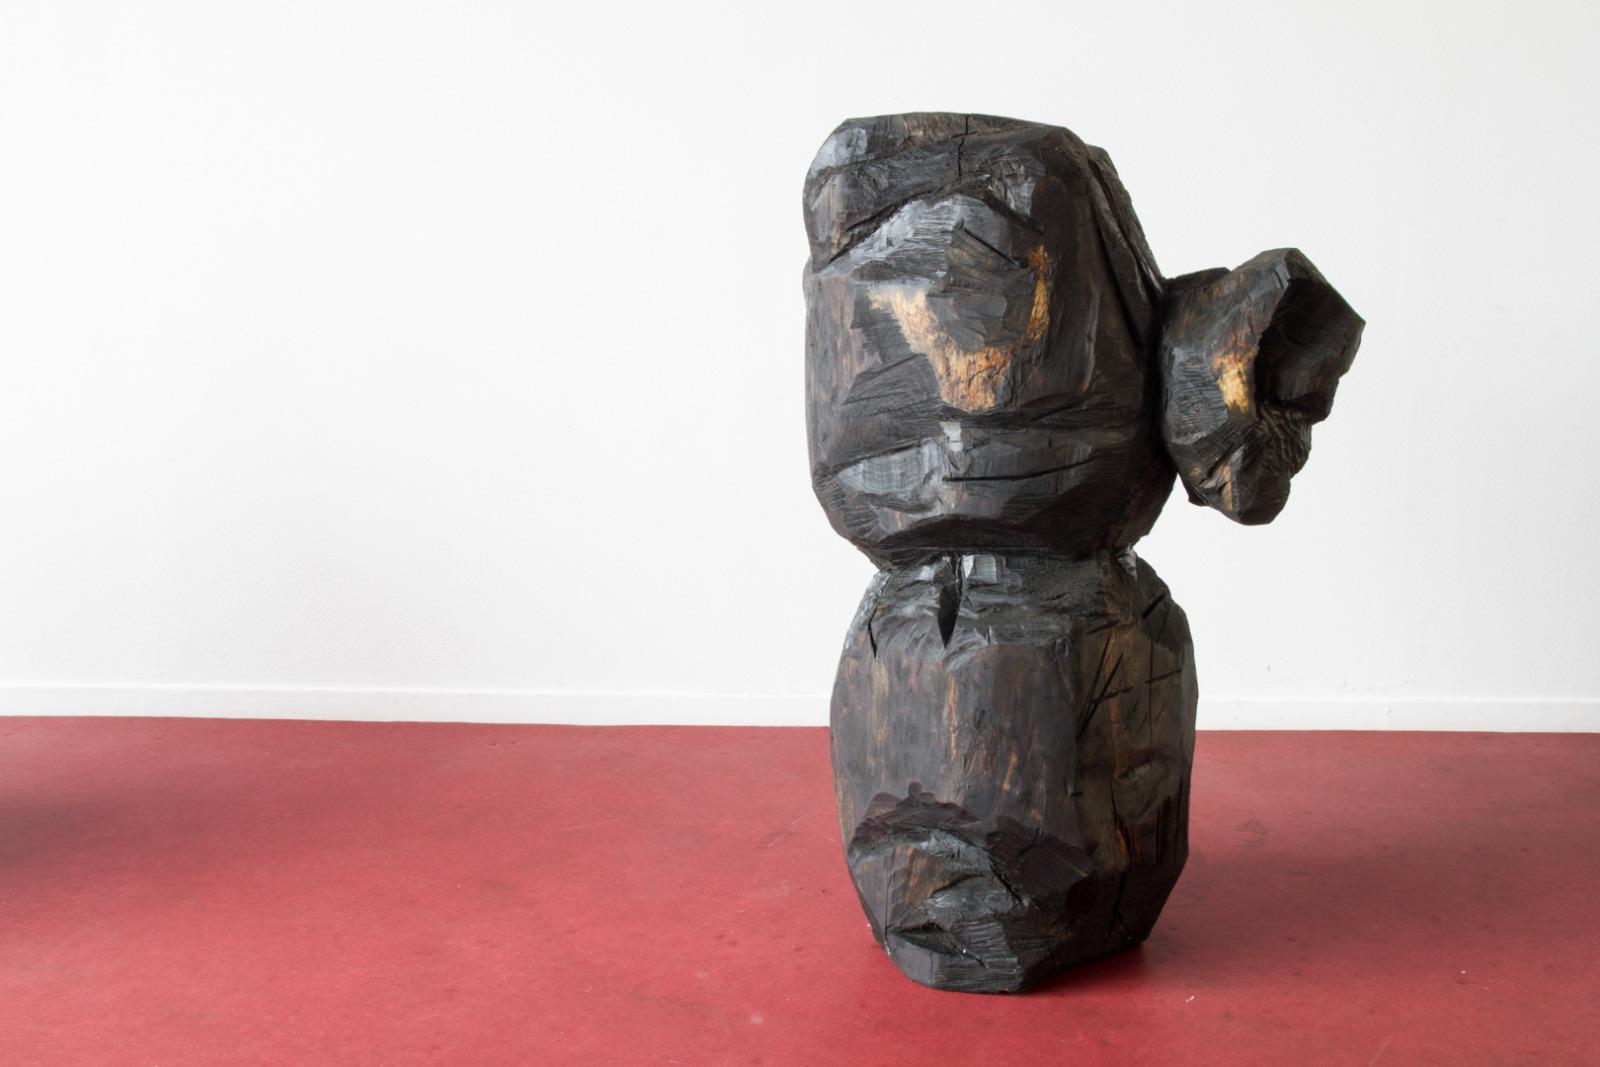 Ordures III, Sculpture en bois (Tilleul coupé dans le cadre d'un réaménagement des espaces verts au sein de la cité des Francs-Moisins, Saint-Denis), patine en huile de moteur usagée, 60 cm x 1m50 x 70 cm, 2015.